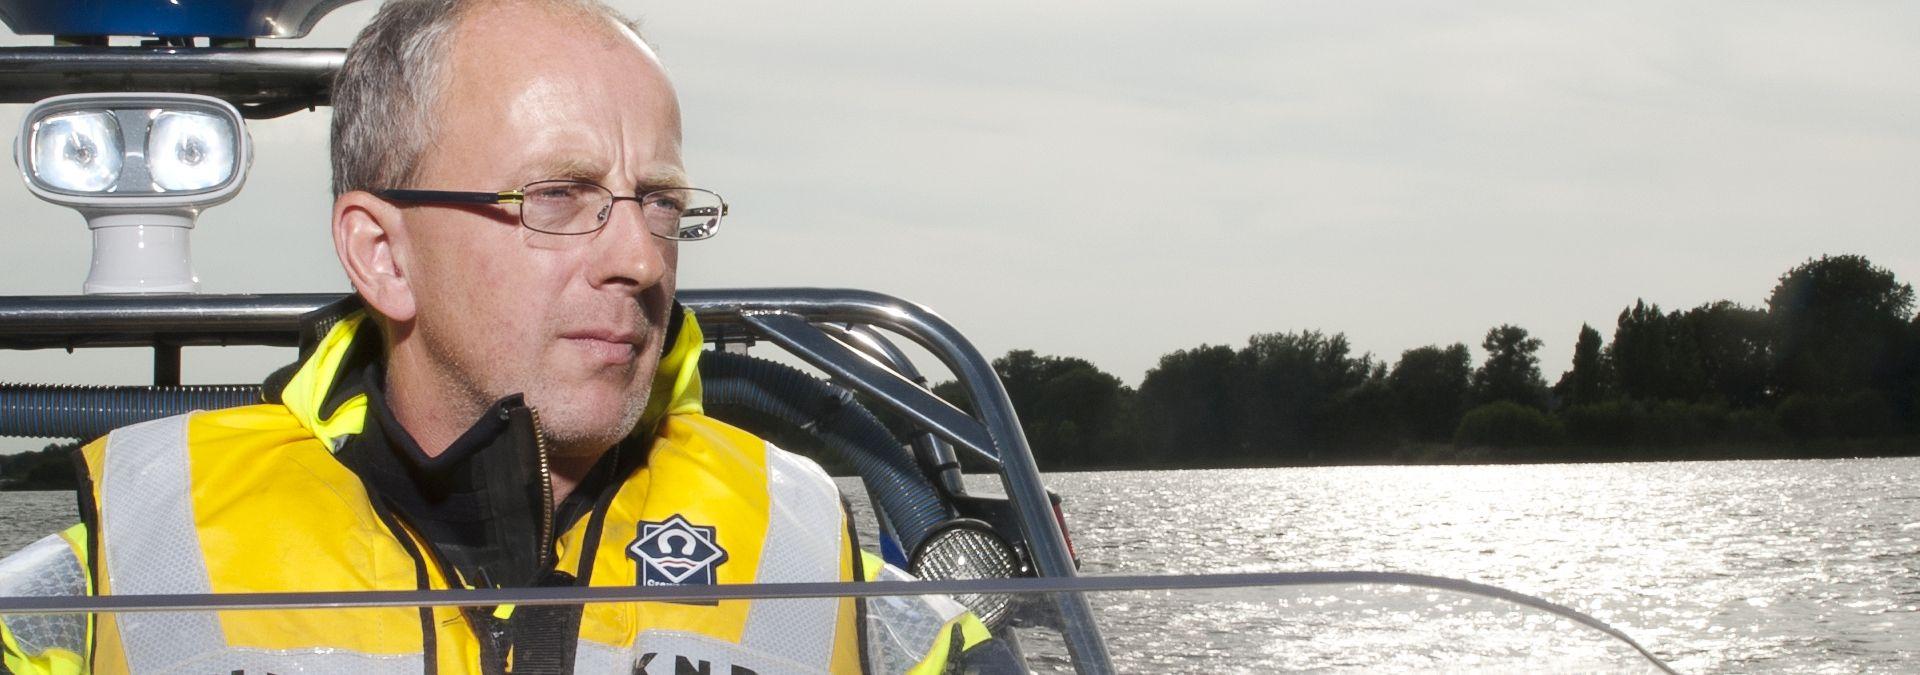 Vrijwilliger Jan Balk